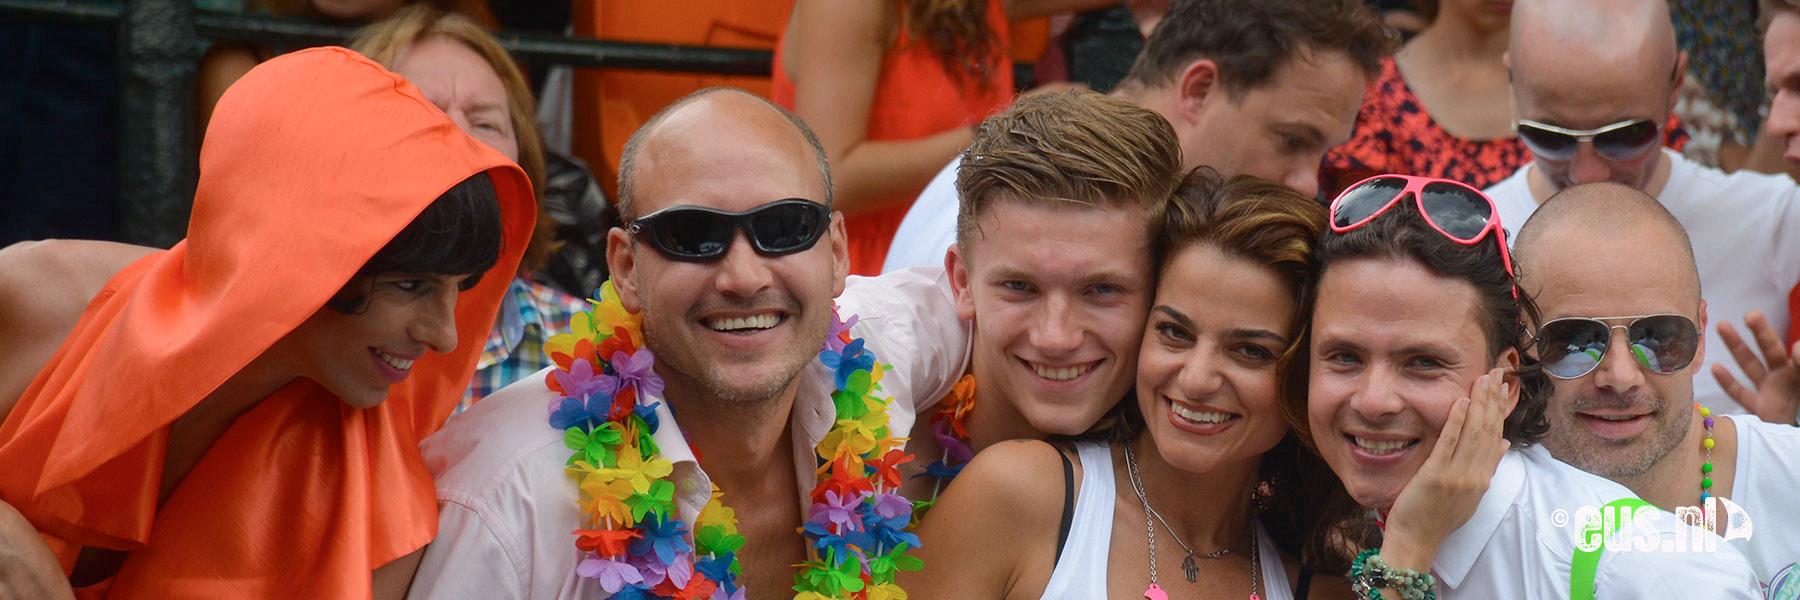 rondvaart en feesten in Amsterdam